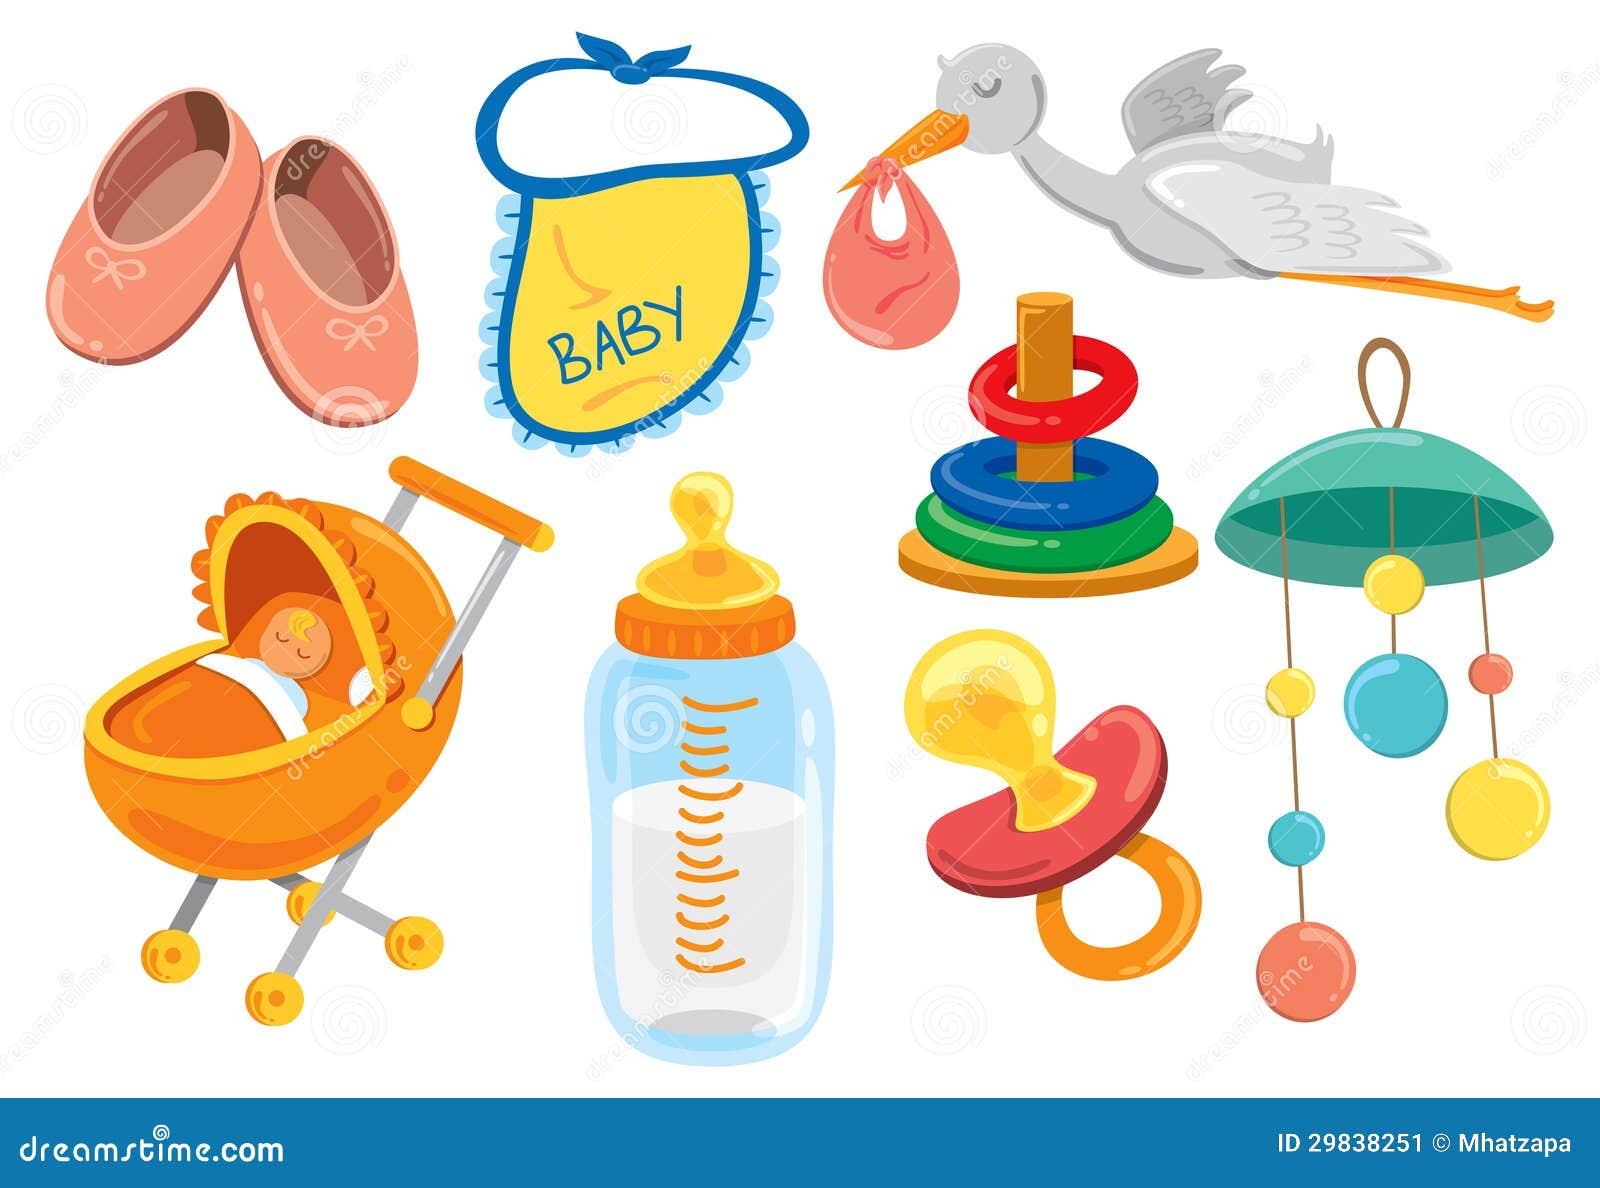 Baby Stuff Stock Image - Image: 29838251